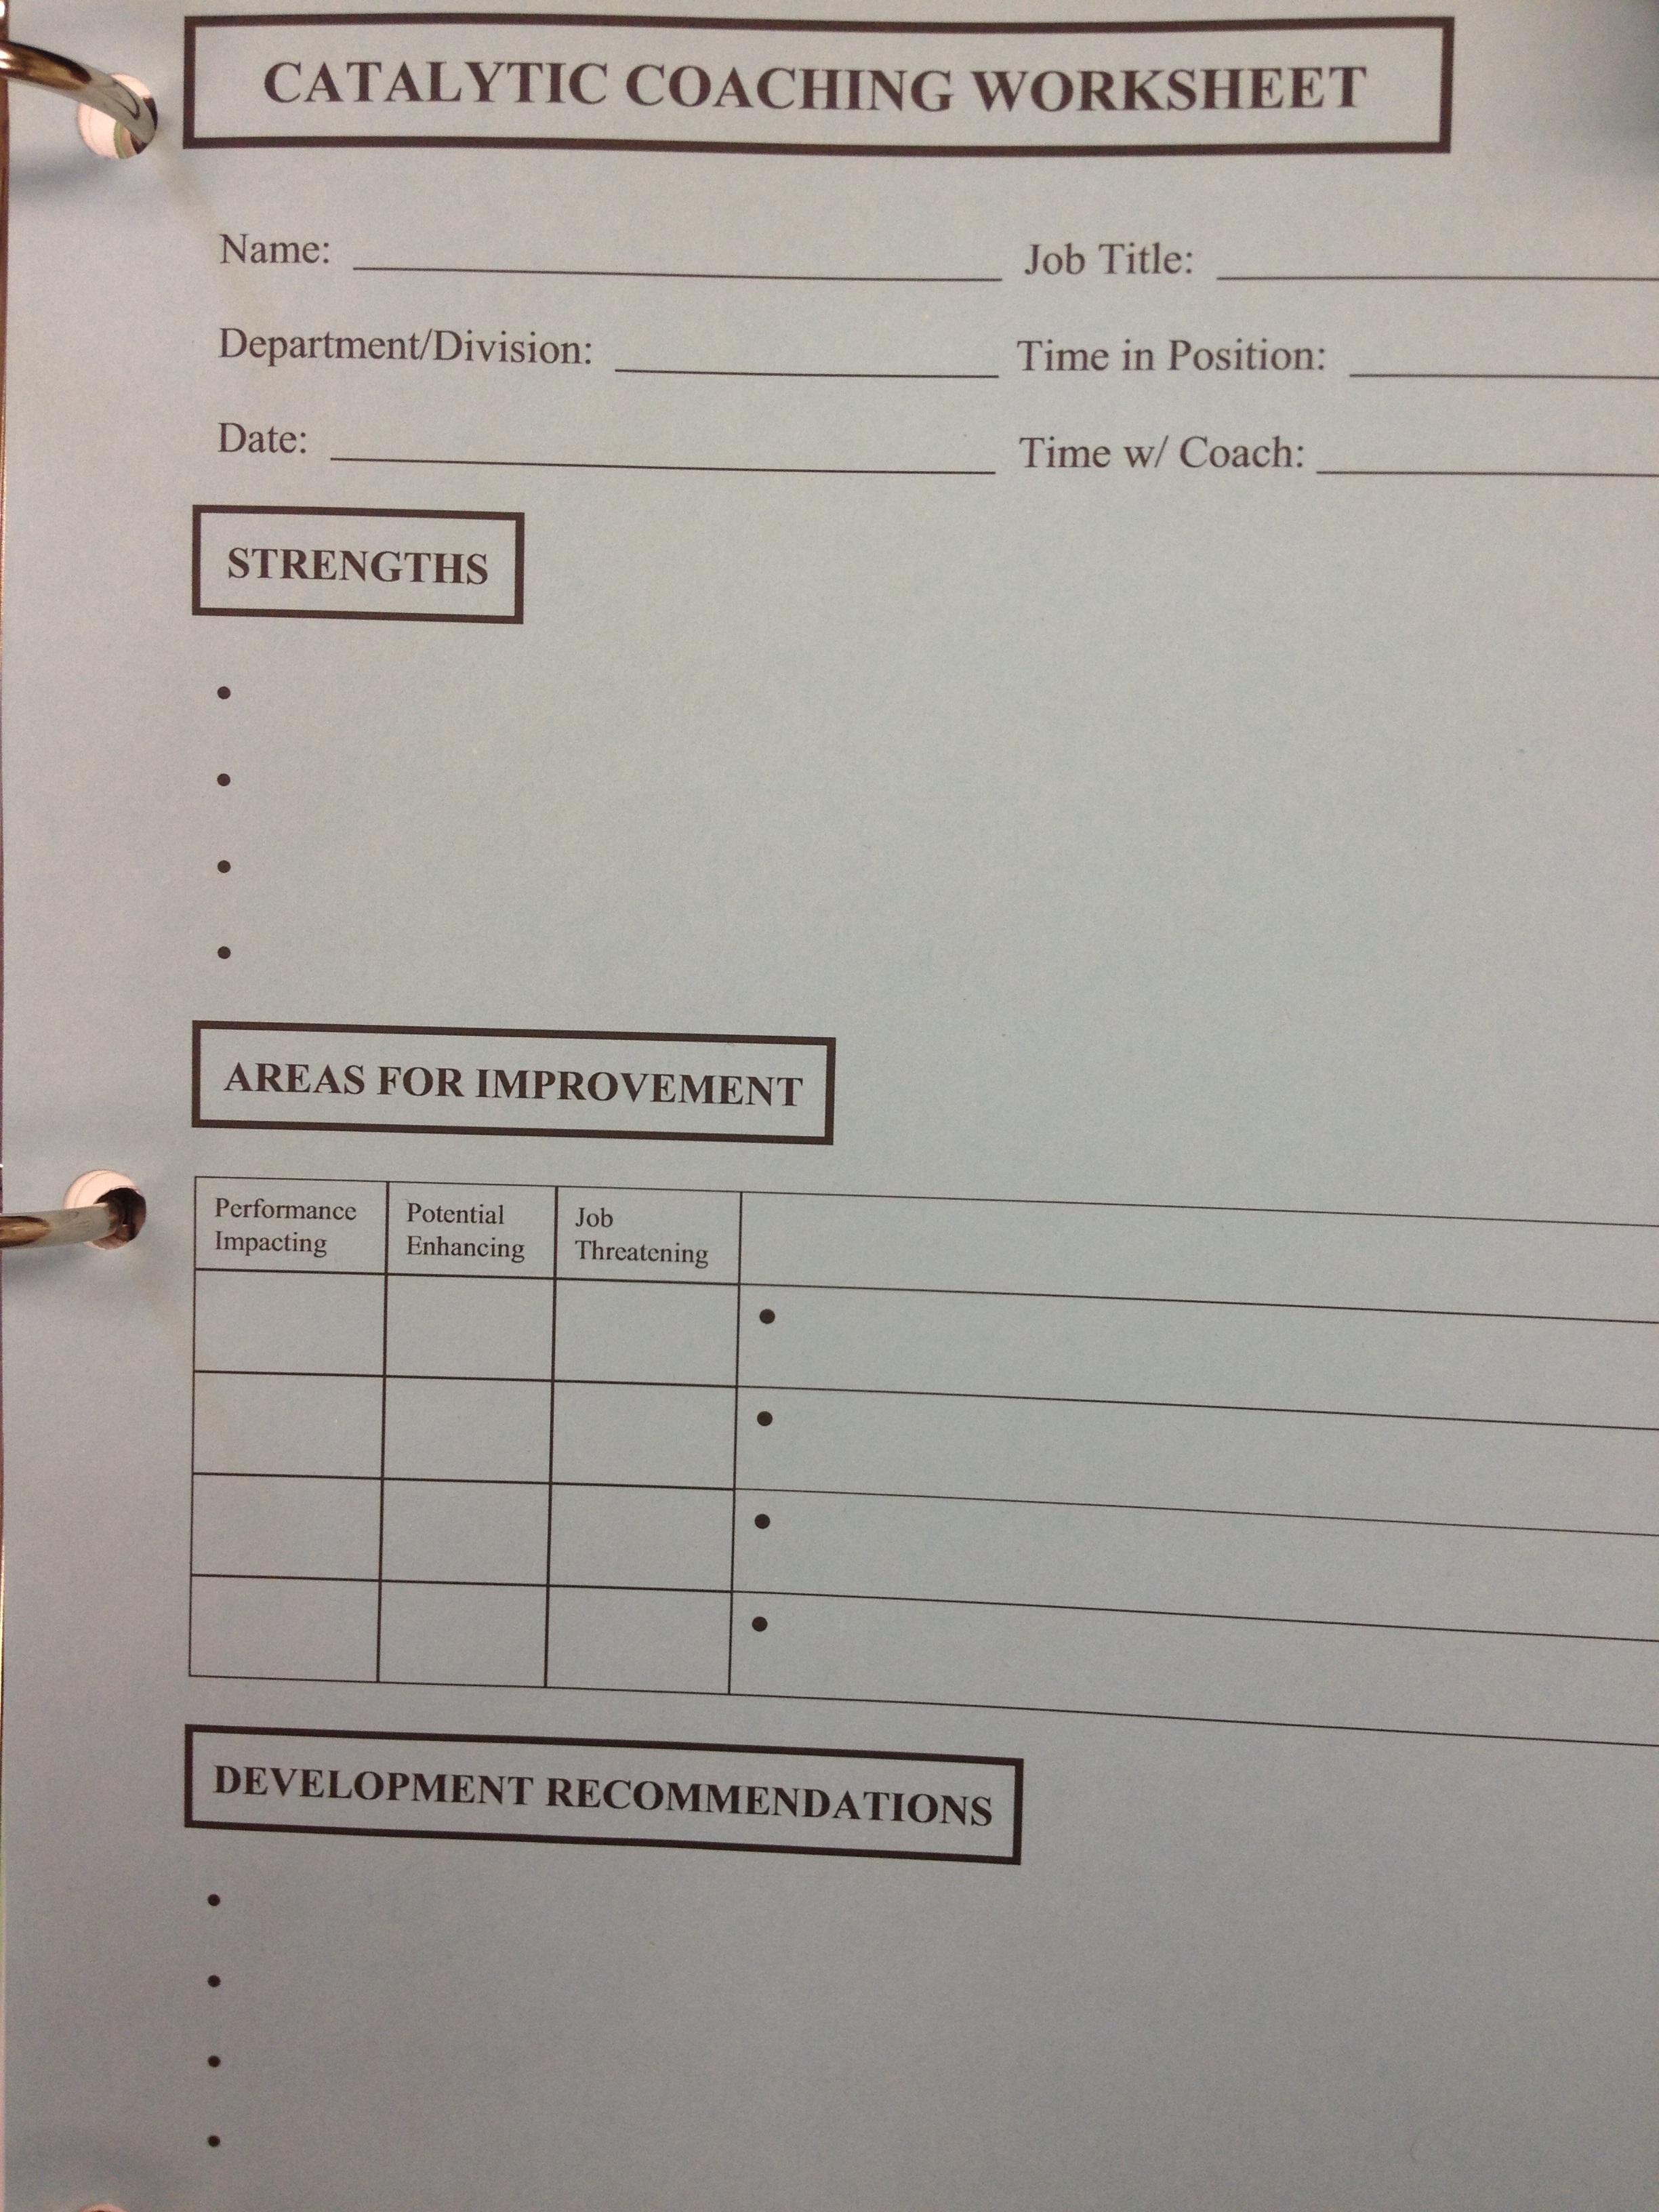 Coaching Worksheet2